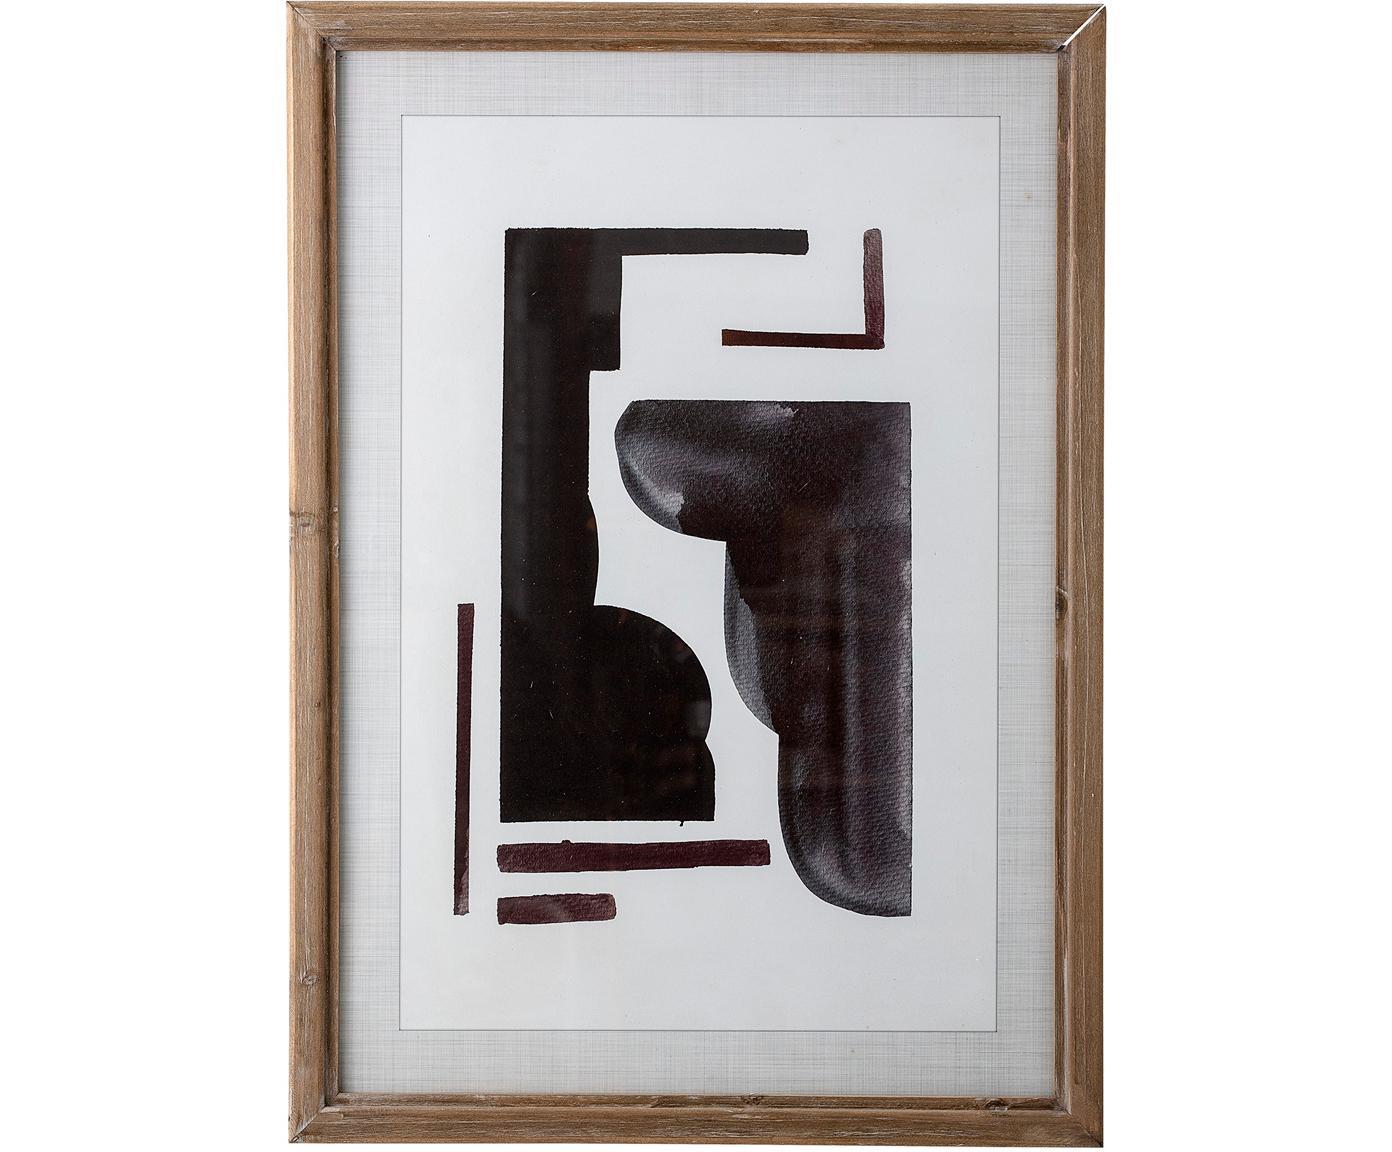 Gerahmter Digitaldruck Hannelore, Rahmen: Tannenholz, Mitteldichte , Bild: Digitaldruck auf Papier, Front: Glas, Tannenholz, 50 x 70 cm